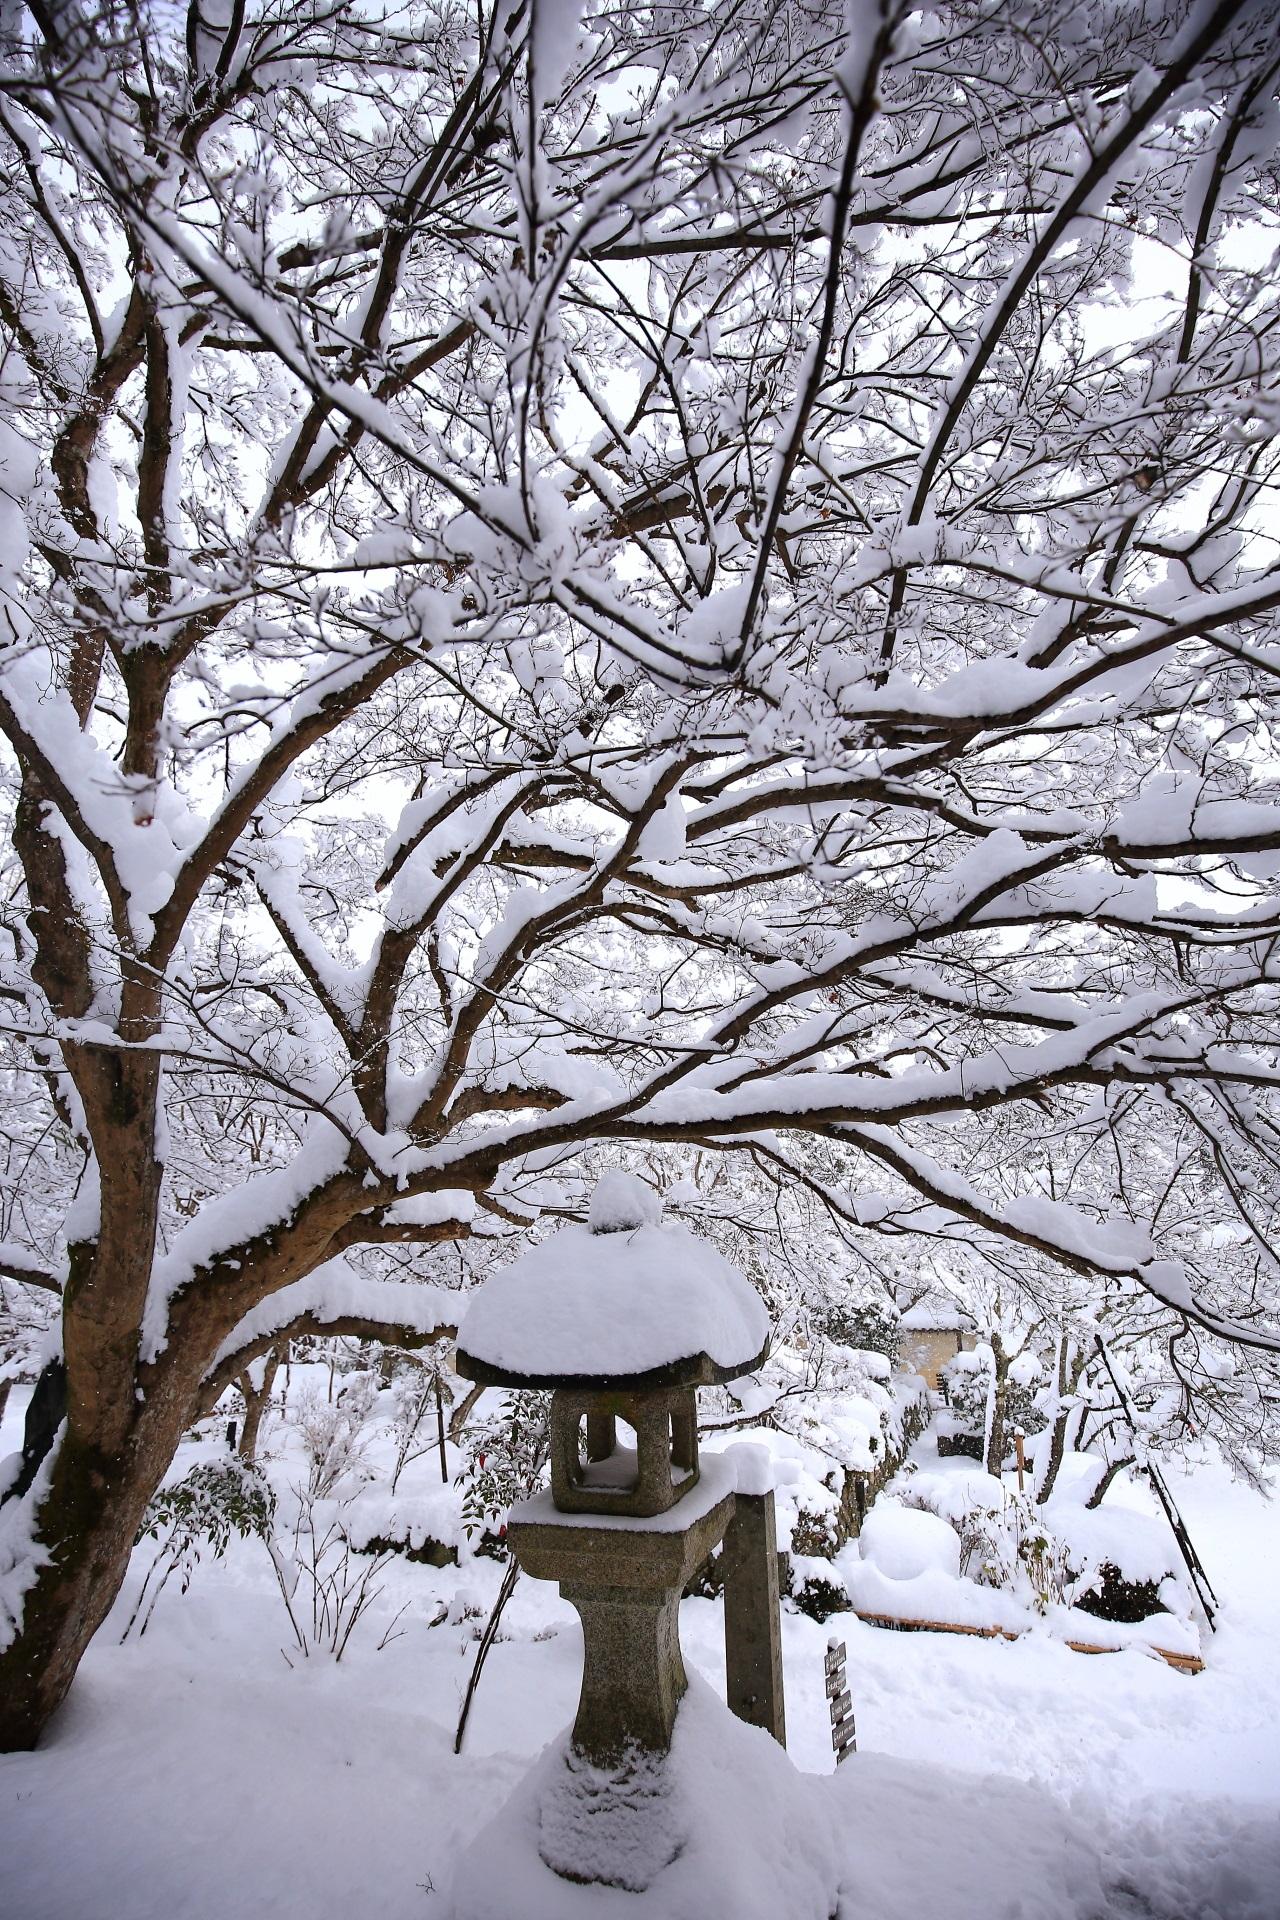 上までびっしり白い雪が積もった二尊院